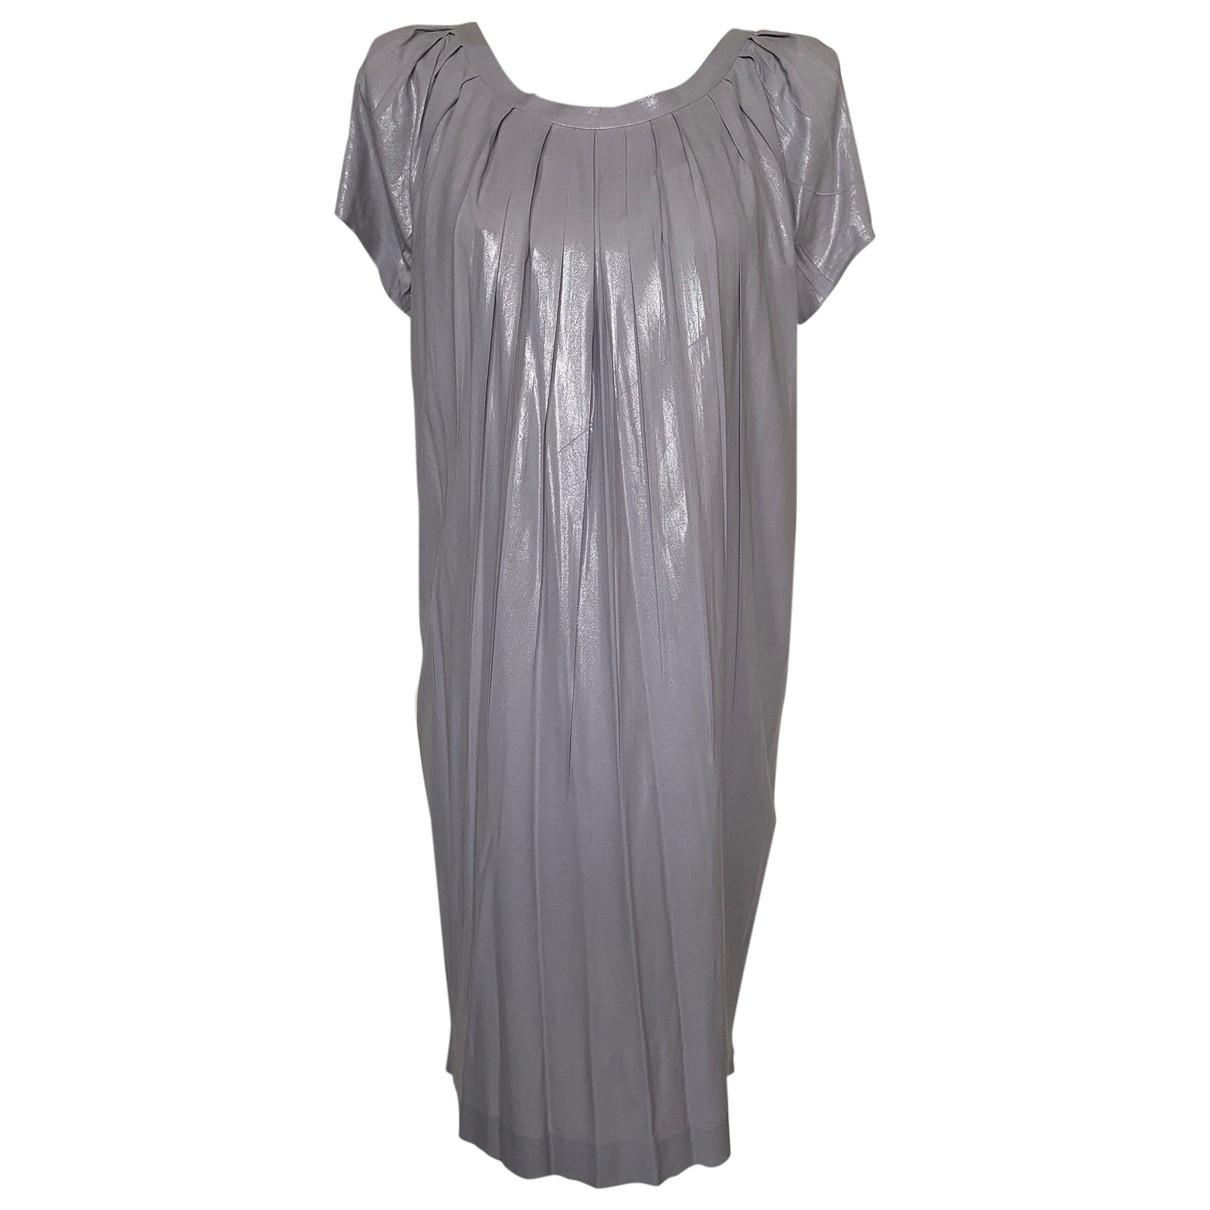 Alberta Ferretti \N Silver dress for Women 36 FR